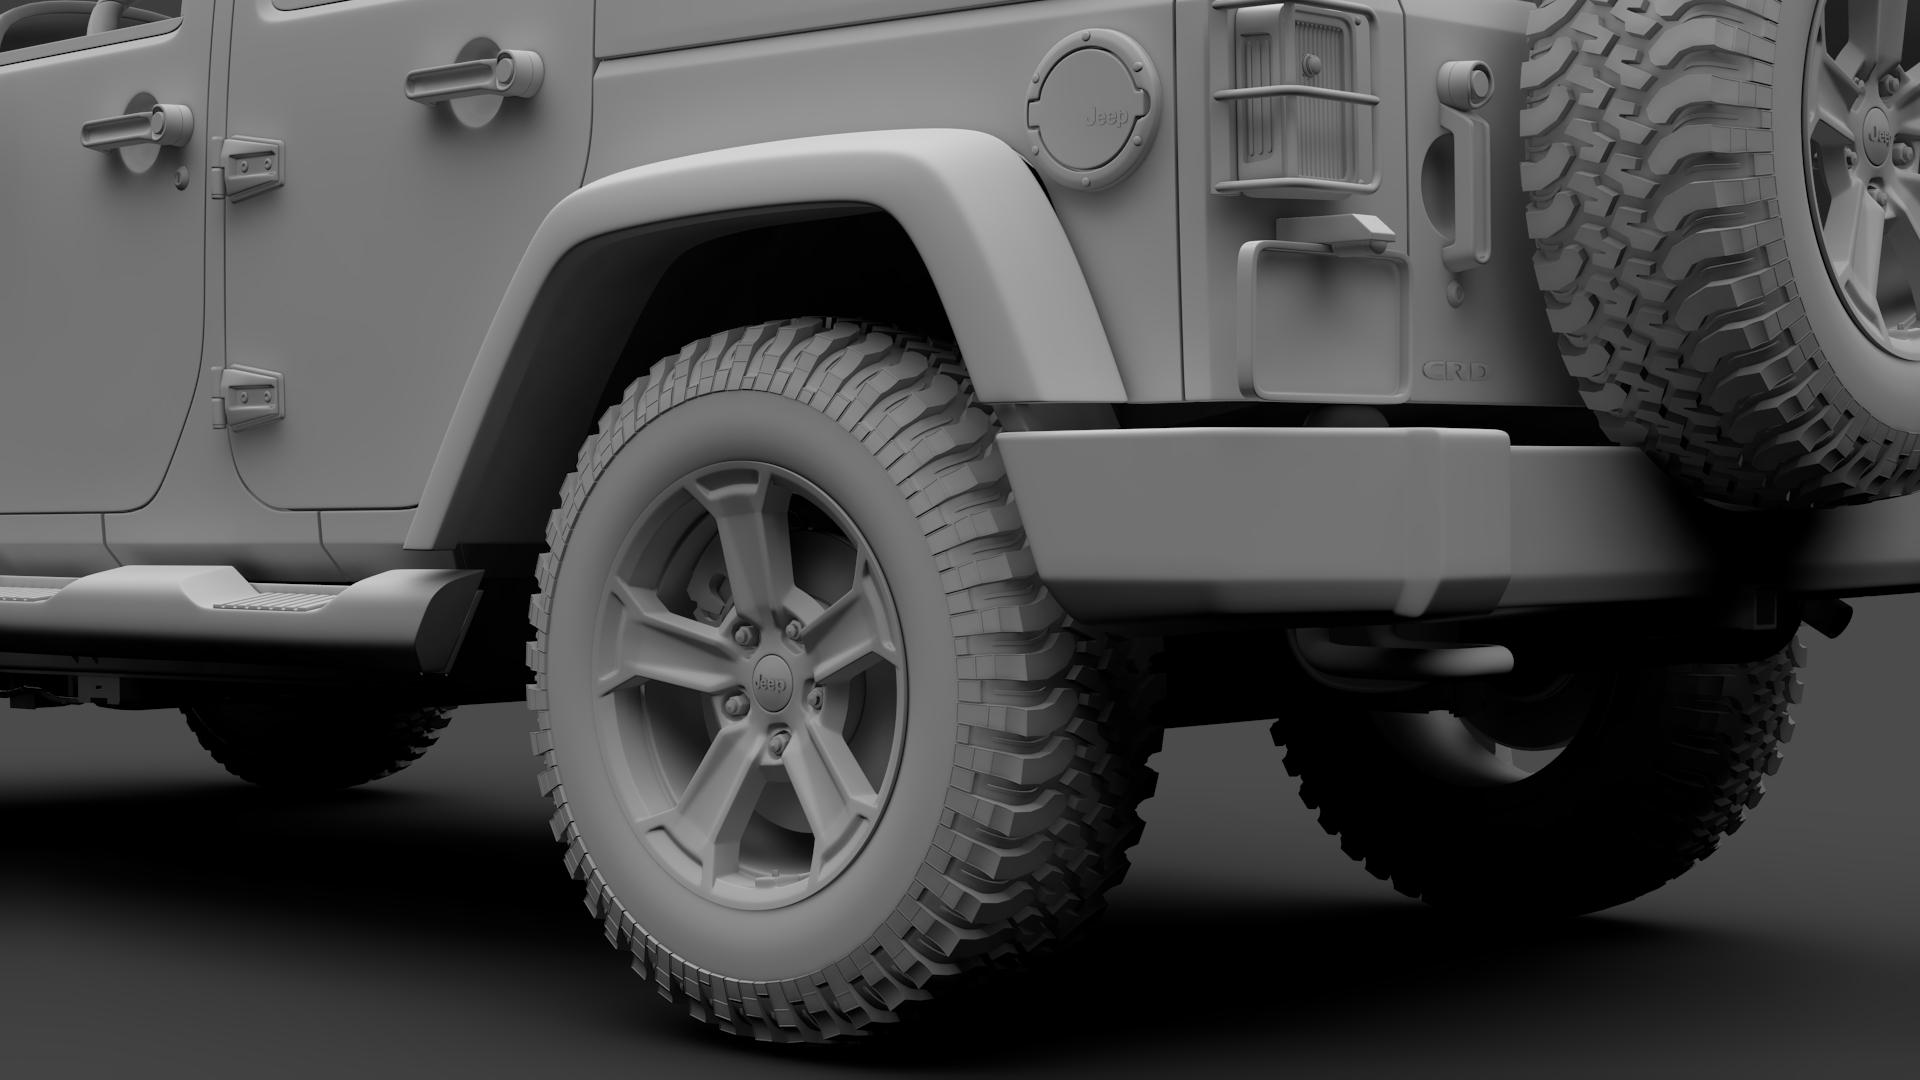 jeep wrangler unlimited chief jk 2017 3d model max fbx c4d lwo ma mb hrc xsi obj 276987